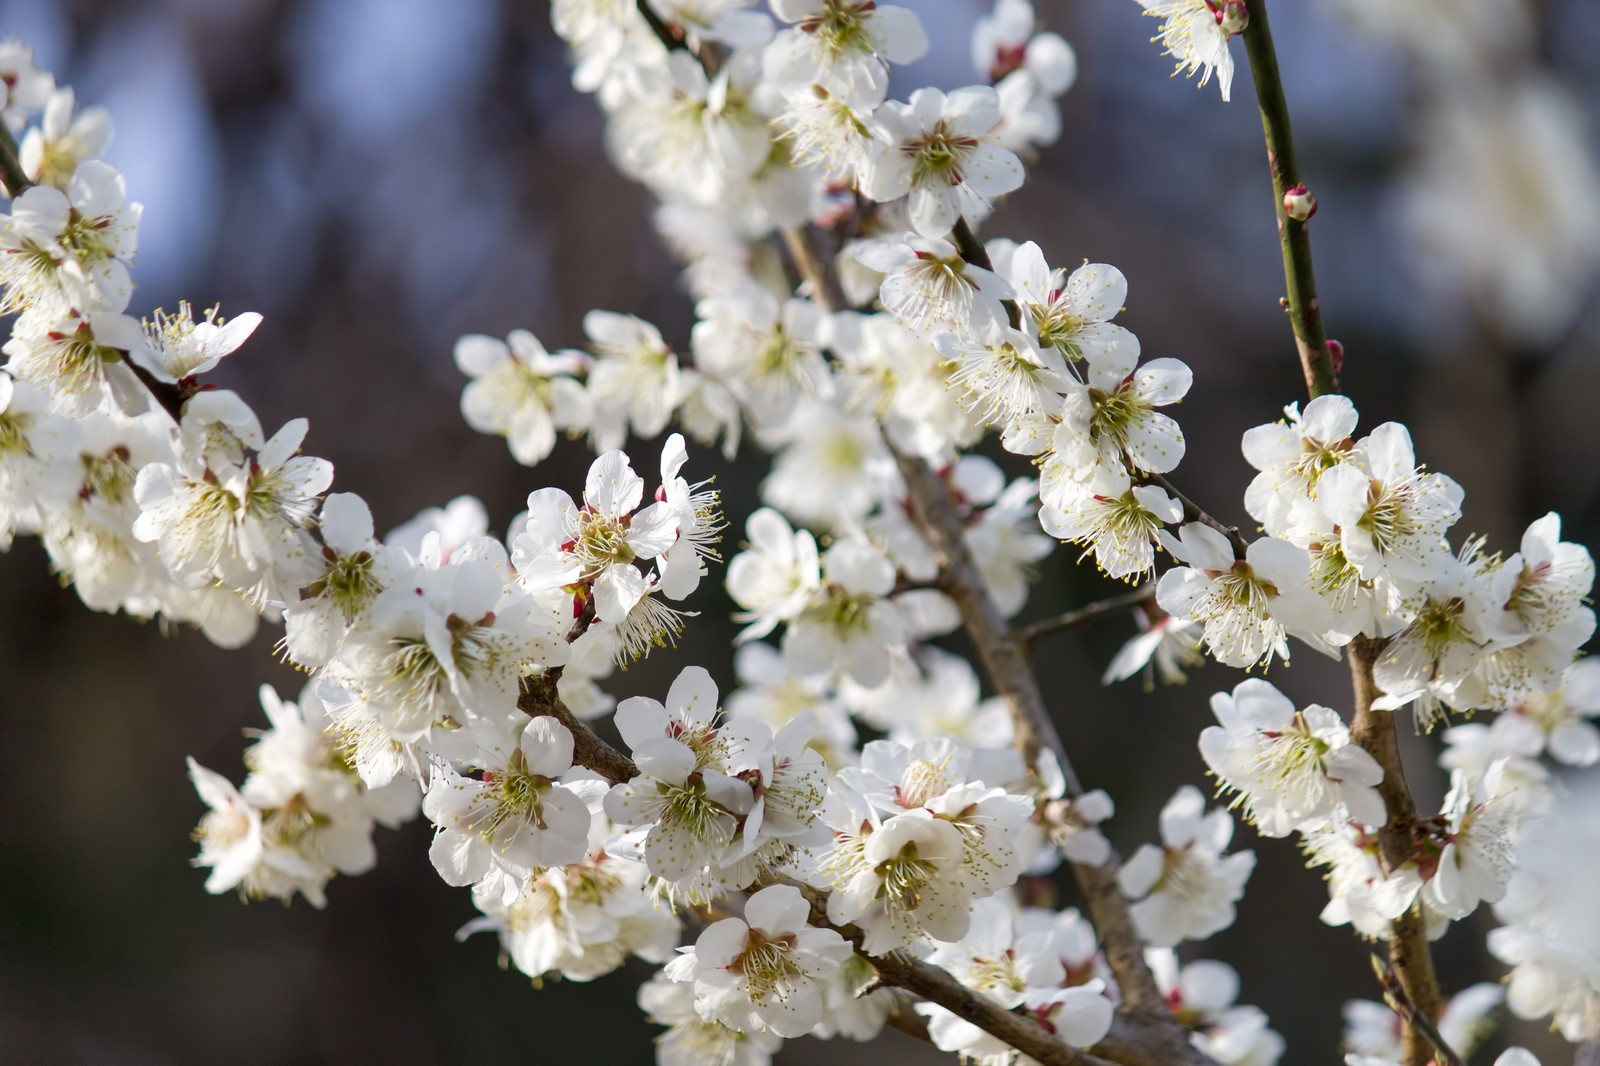 「梅園の梅 | 写真の無料素材・フリー素材 - ぱくたそ」の写真